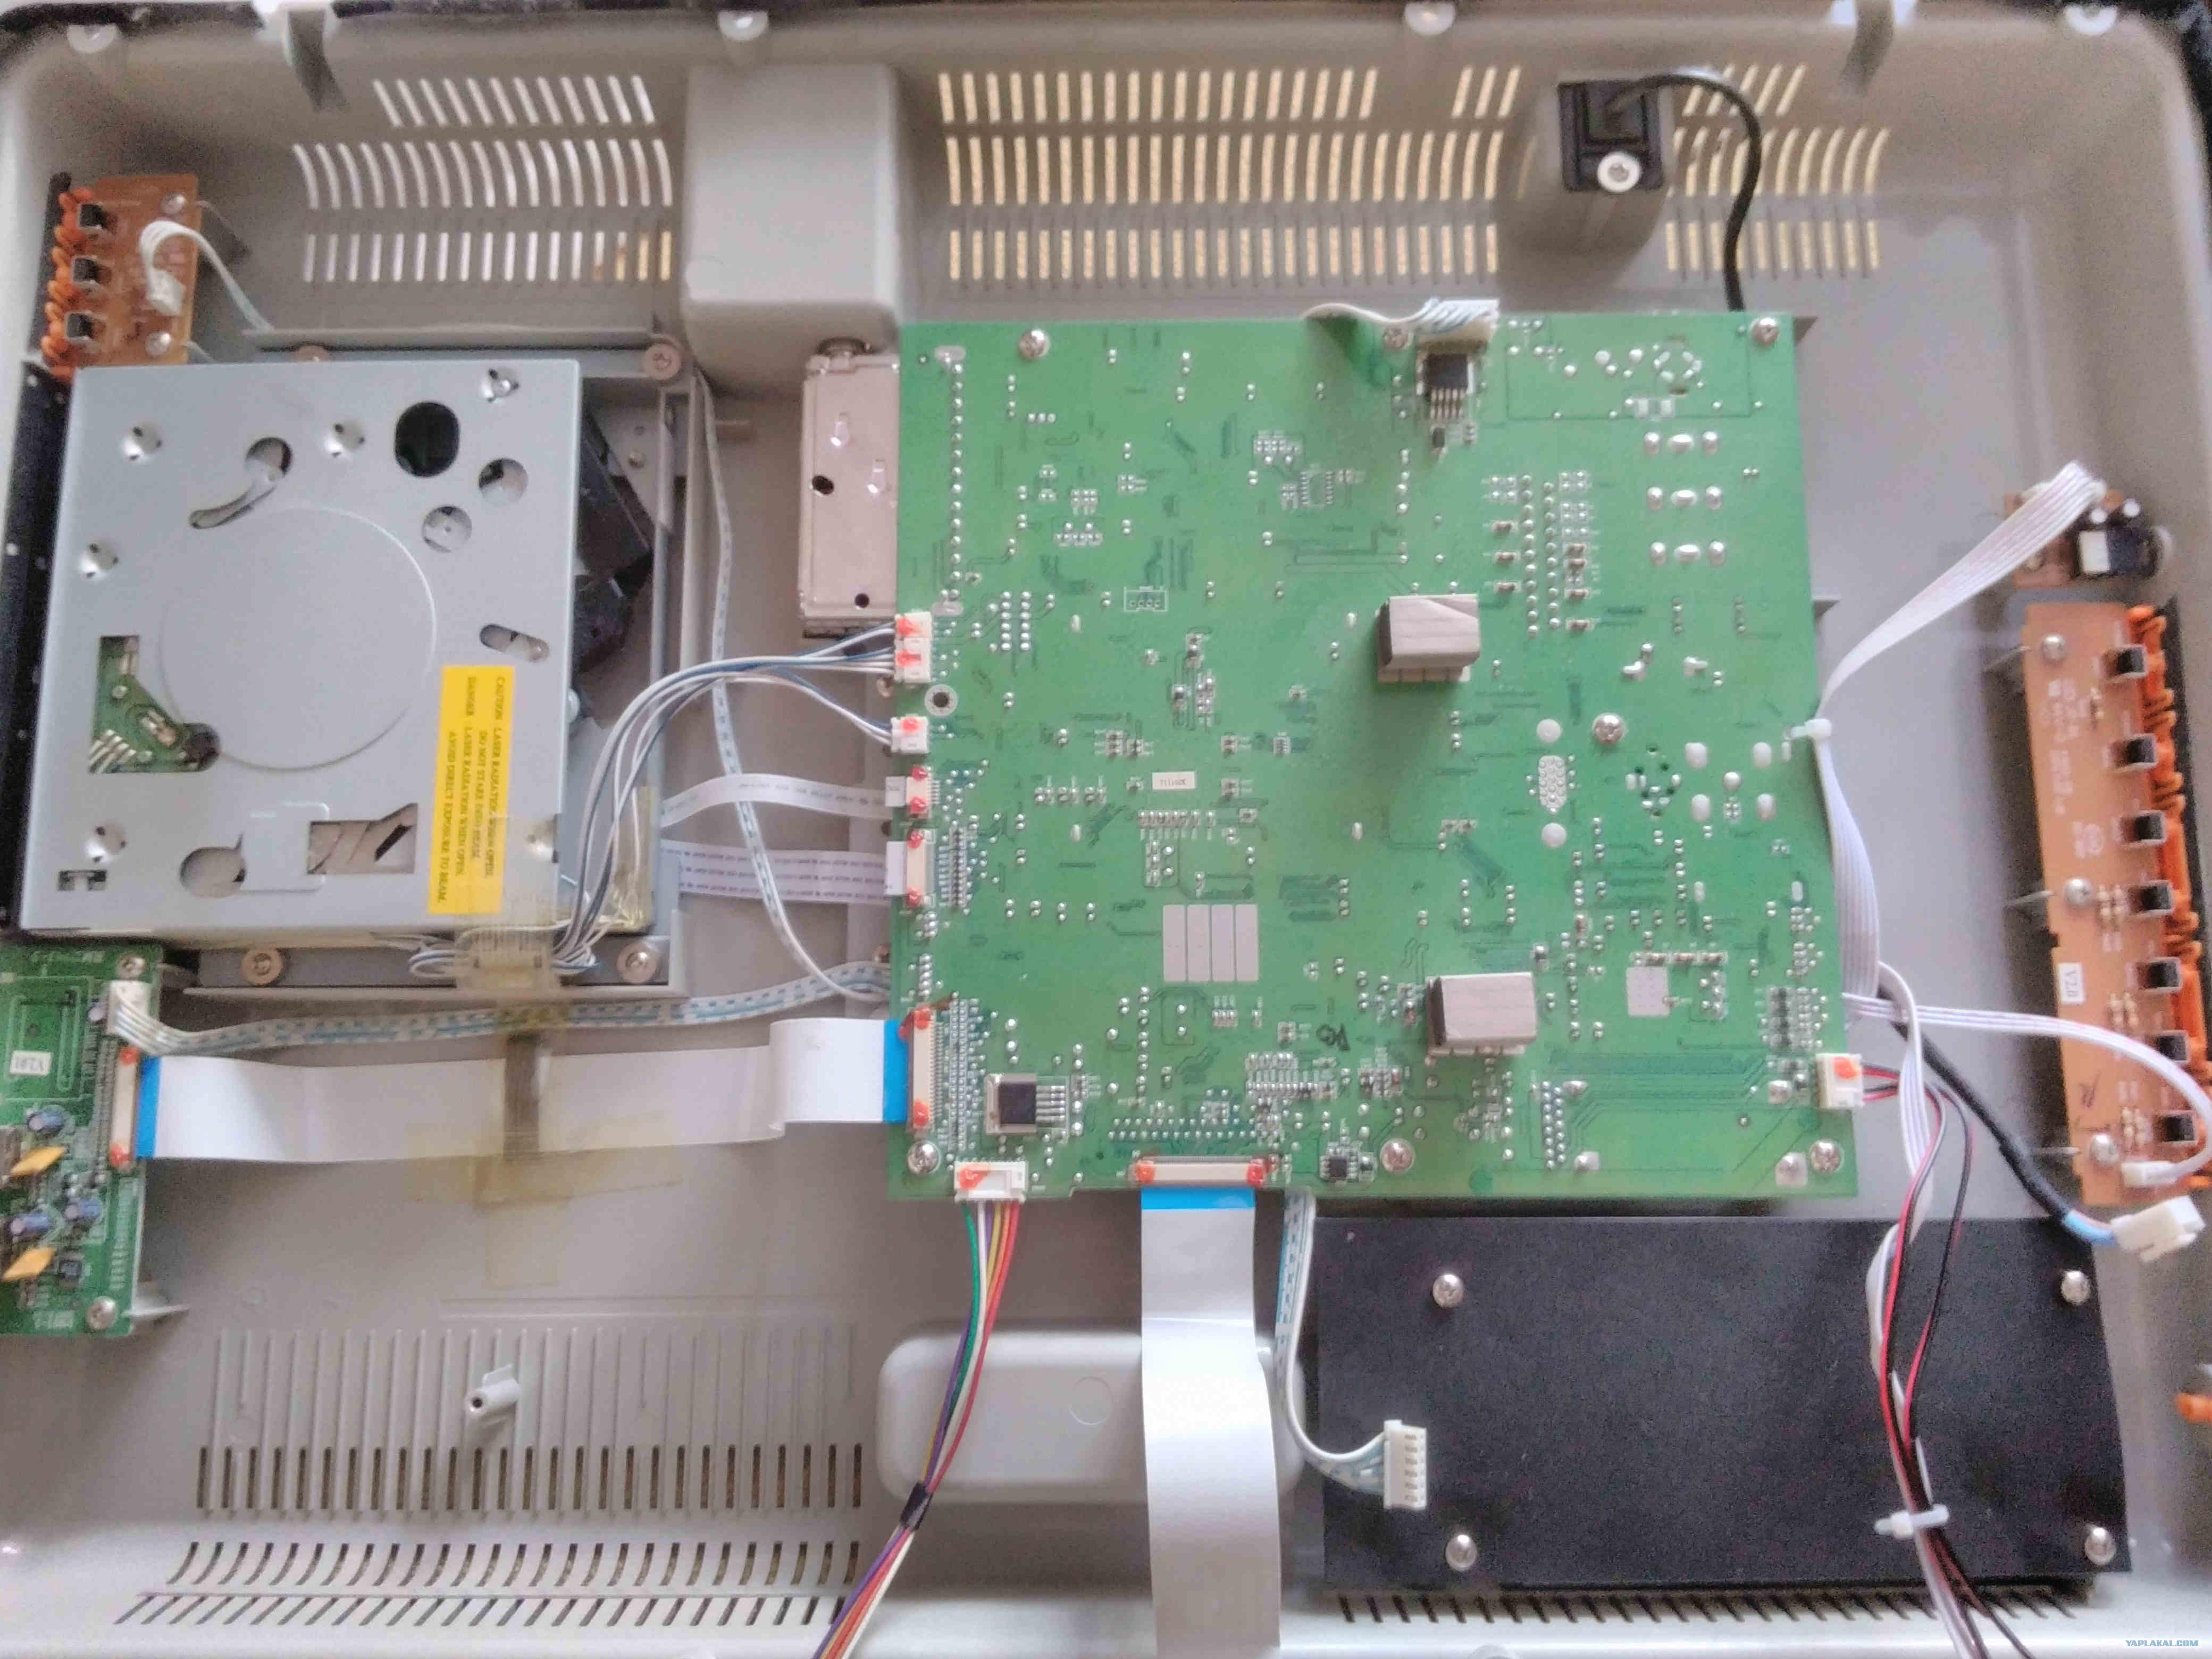 схема инвертора tv3203 zc02 02